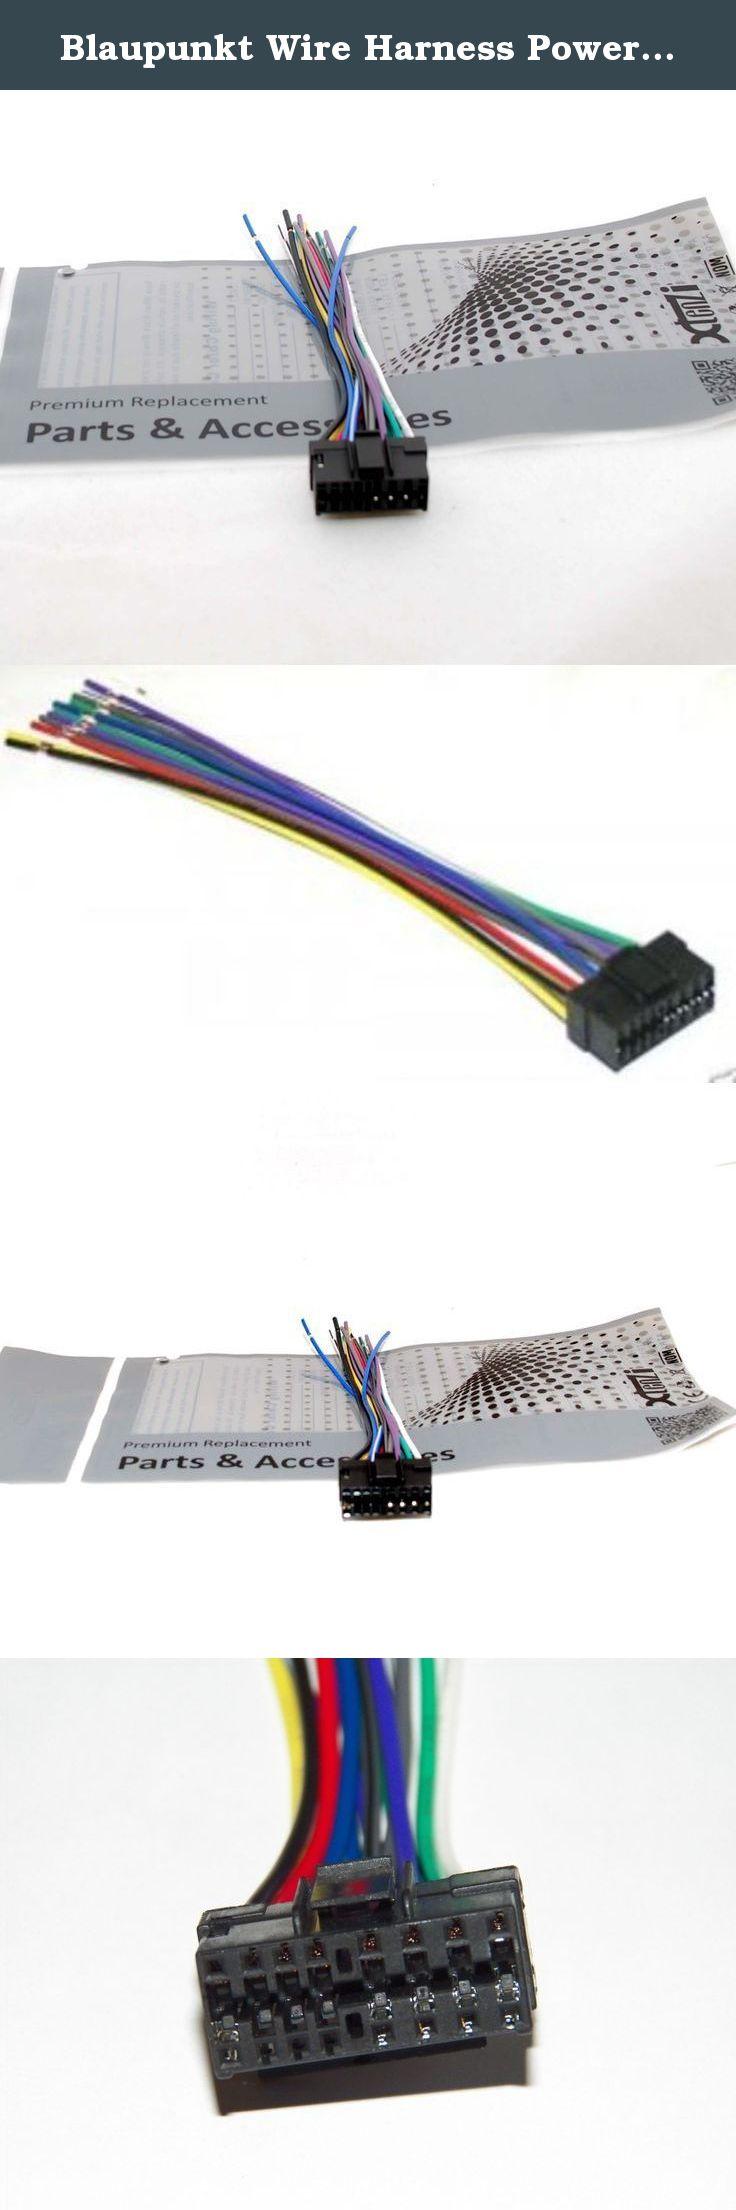 blaupunkt wire harness power plug cd mp3 dvd car stereo head unit 16 pin  [ 736 x 2210 Pixel ]